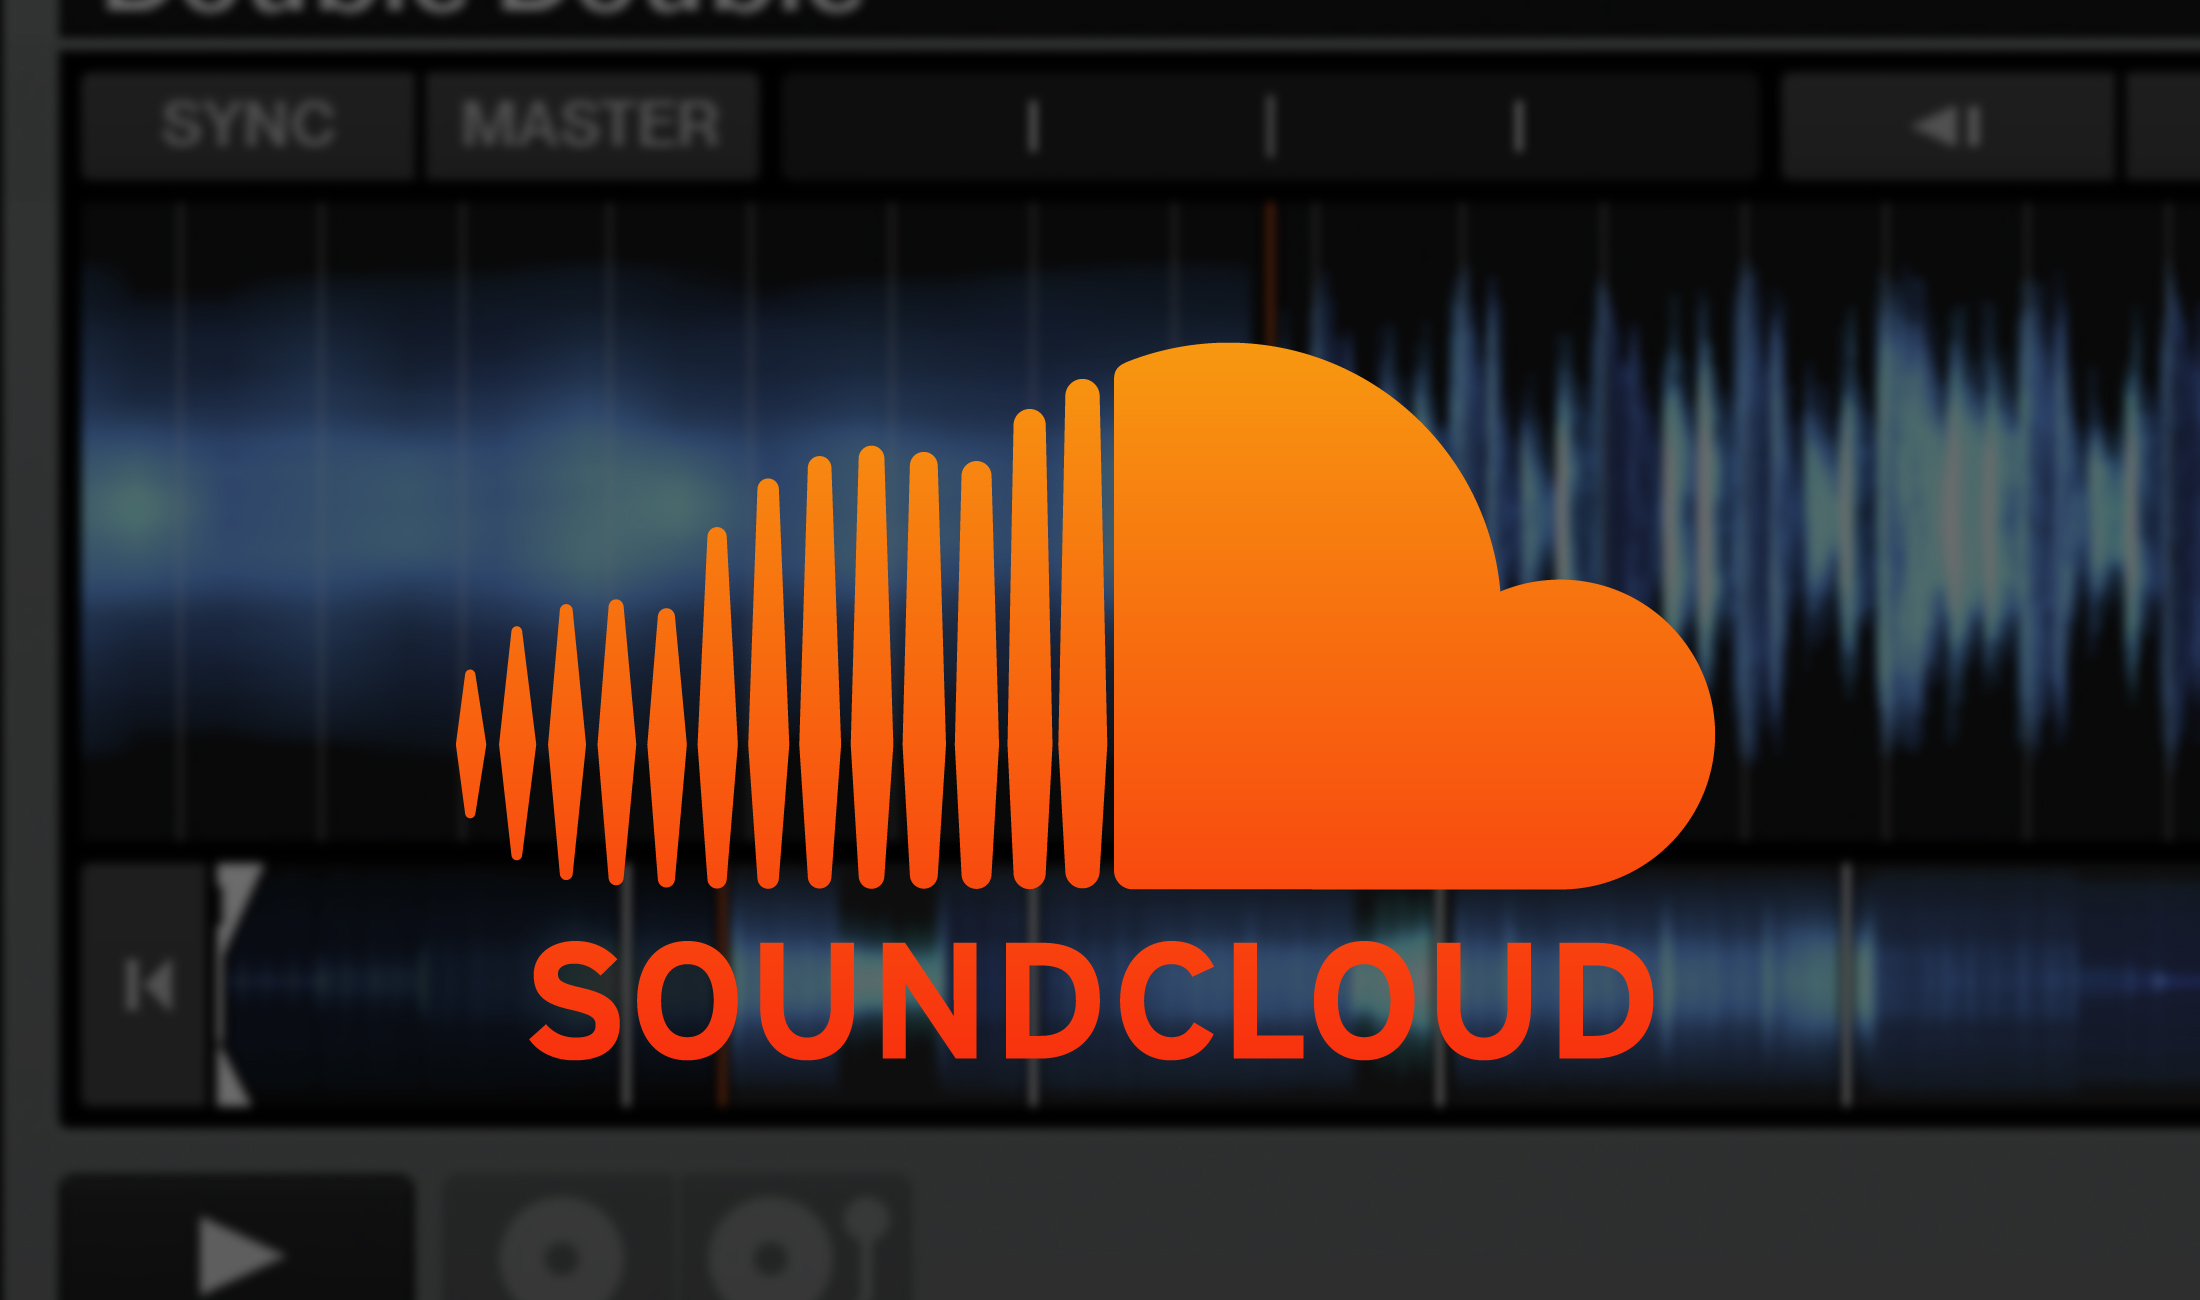 SoundCloud Integration für Traktor, Serato und weitere DJ-Apps kommt